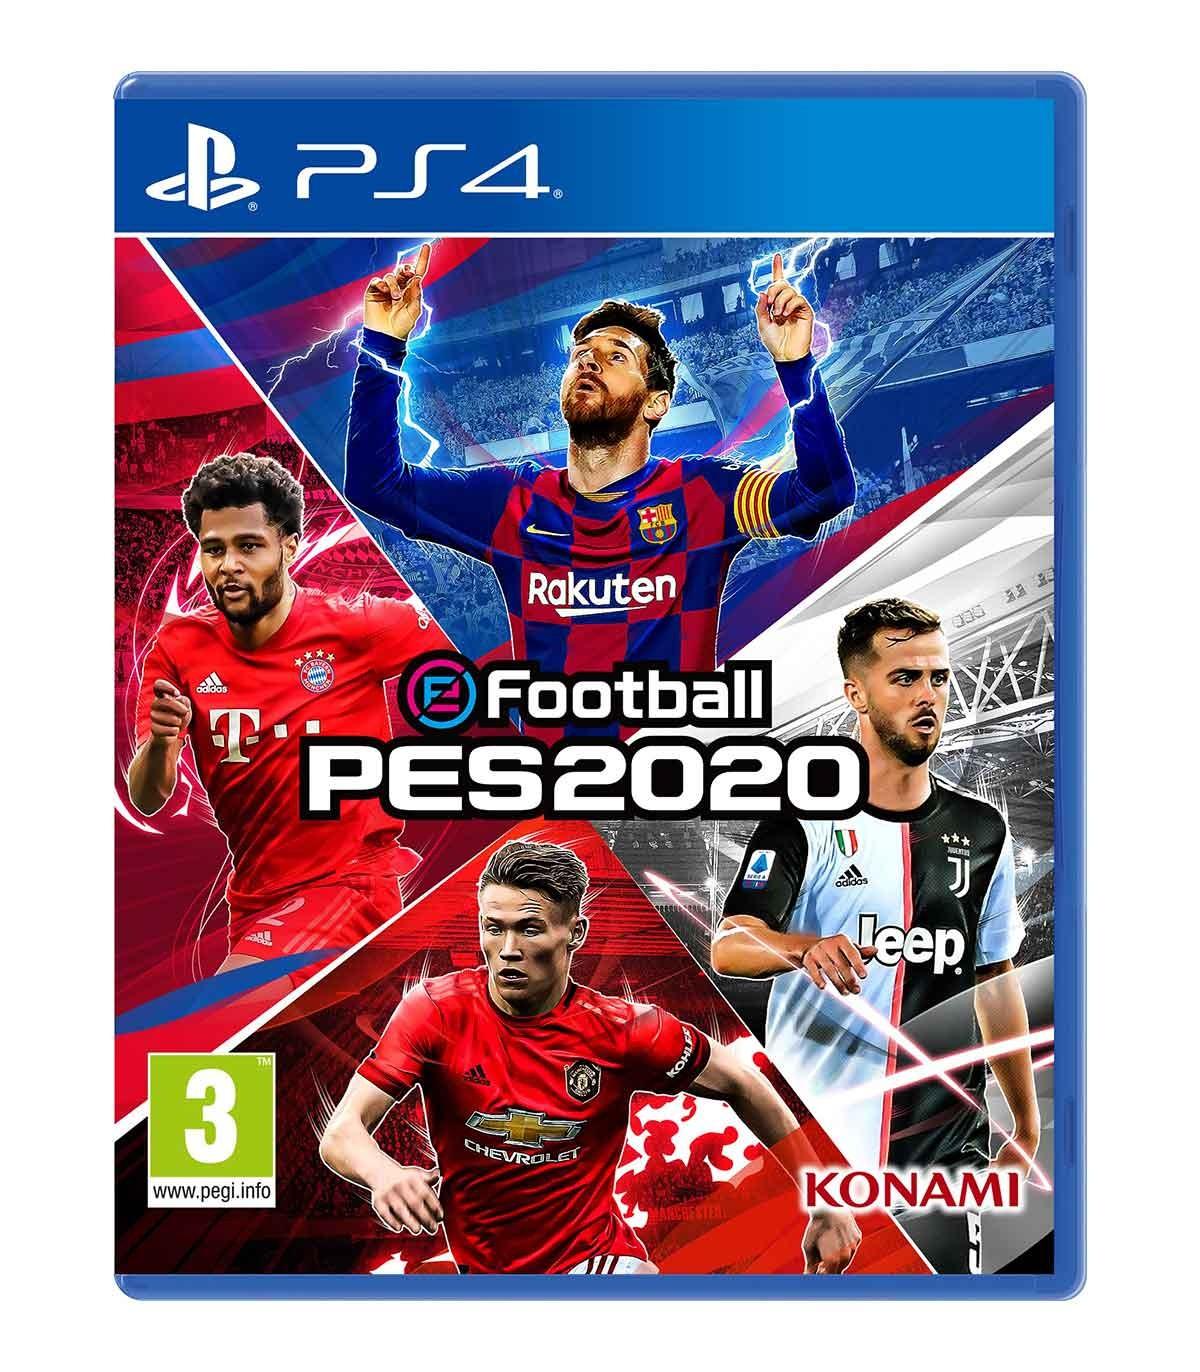 بازی eFootball PES 2020 - پلی استیشن 4